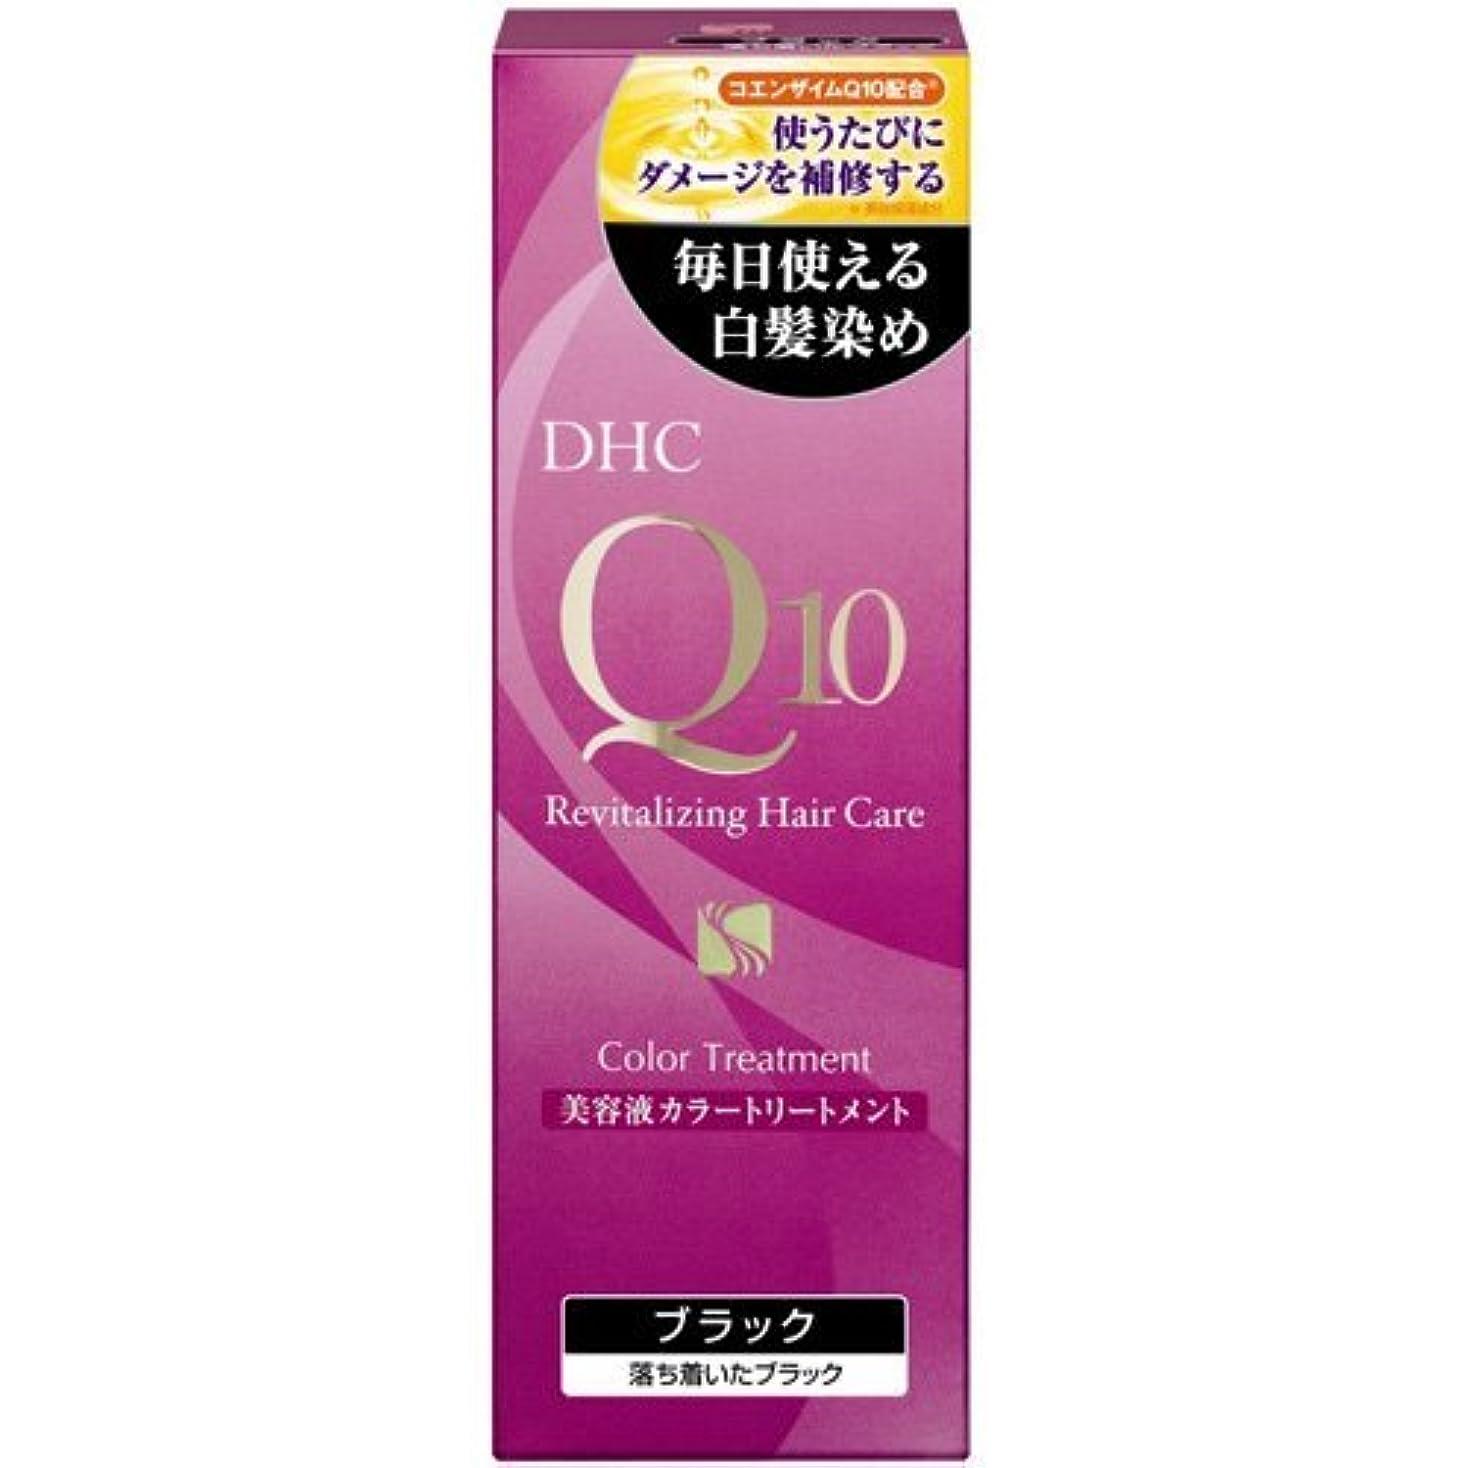 入力壊れたキャロライン【まとめ買い】DHC Q10美溶液カラートリートメントブラックSS170g ×10個